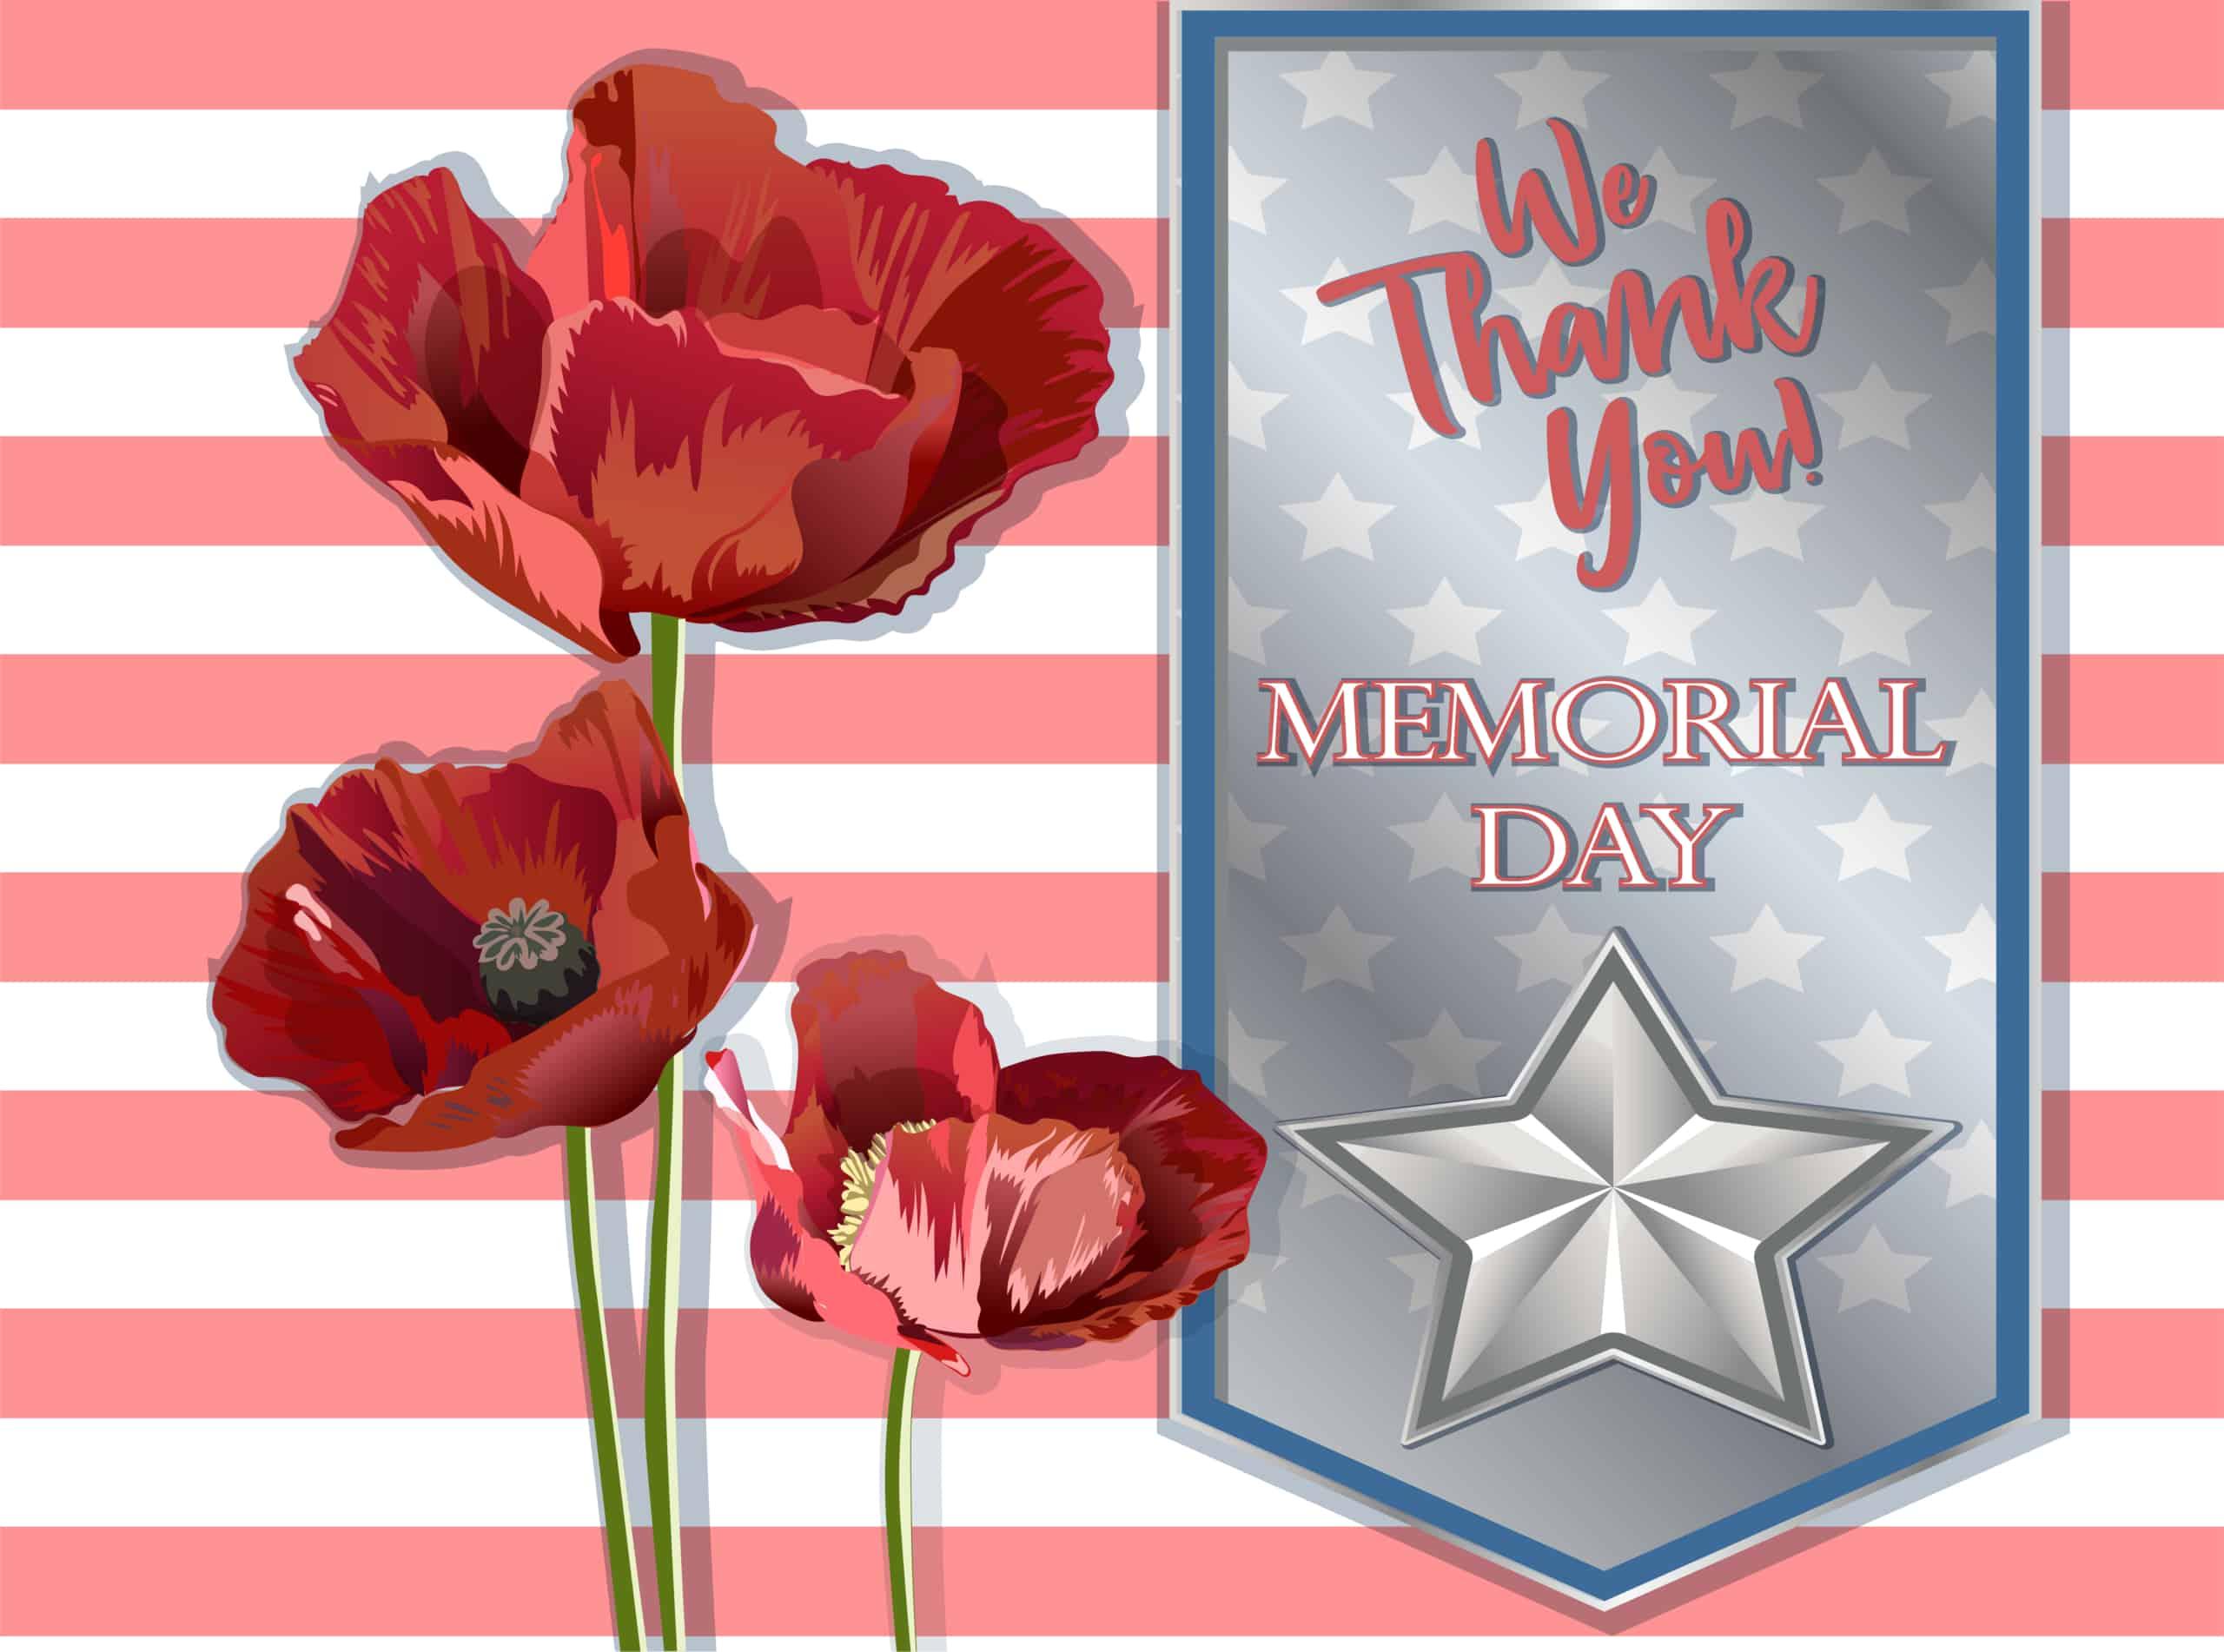 Memorial Day Morgantown WV